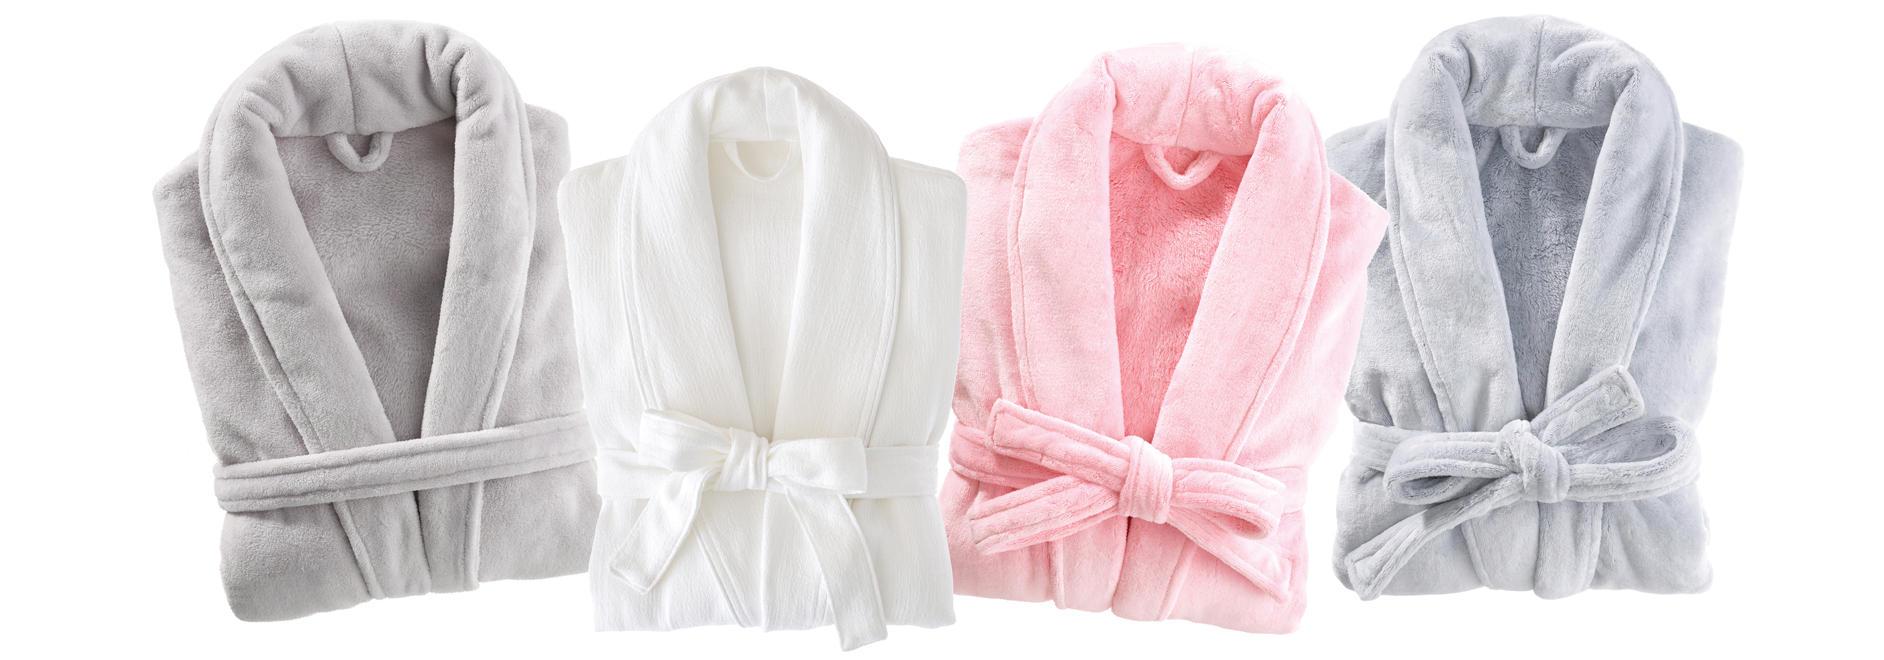 Shop Sale Robes